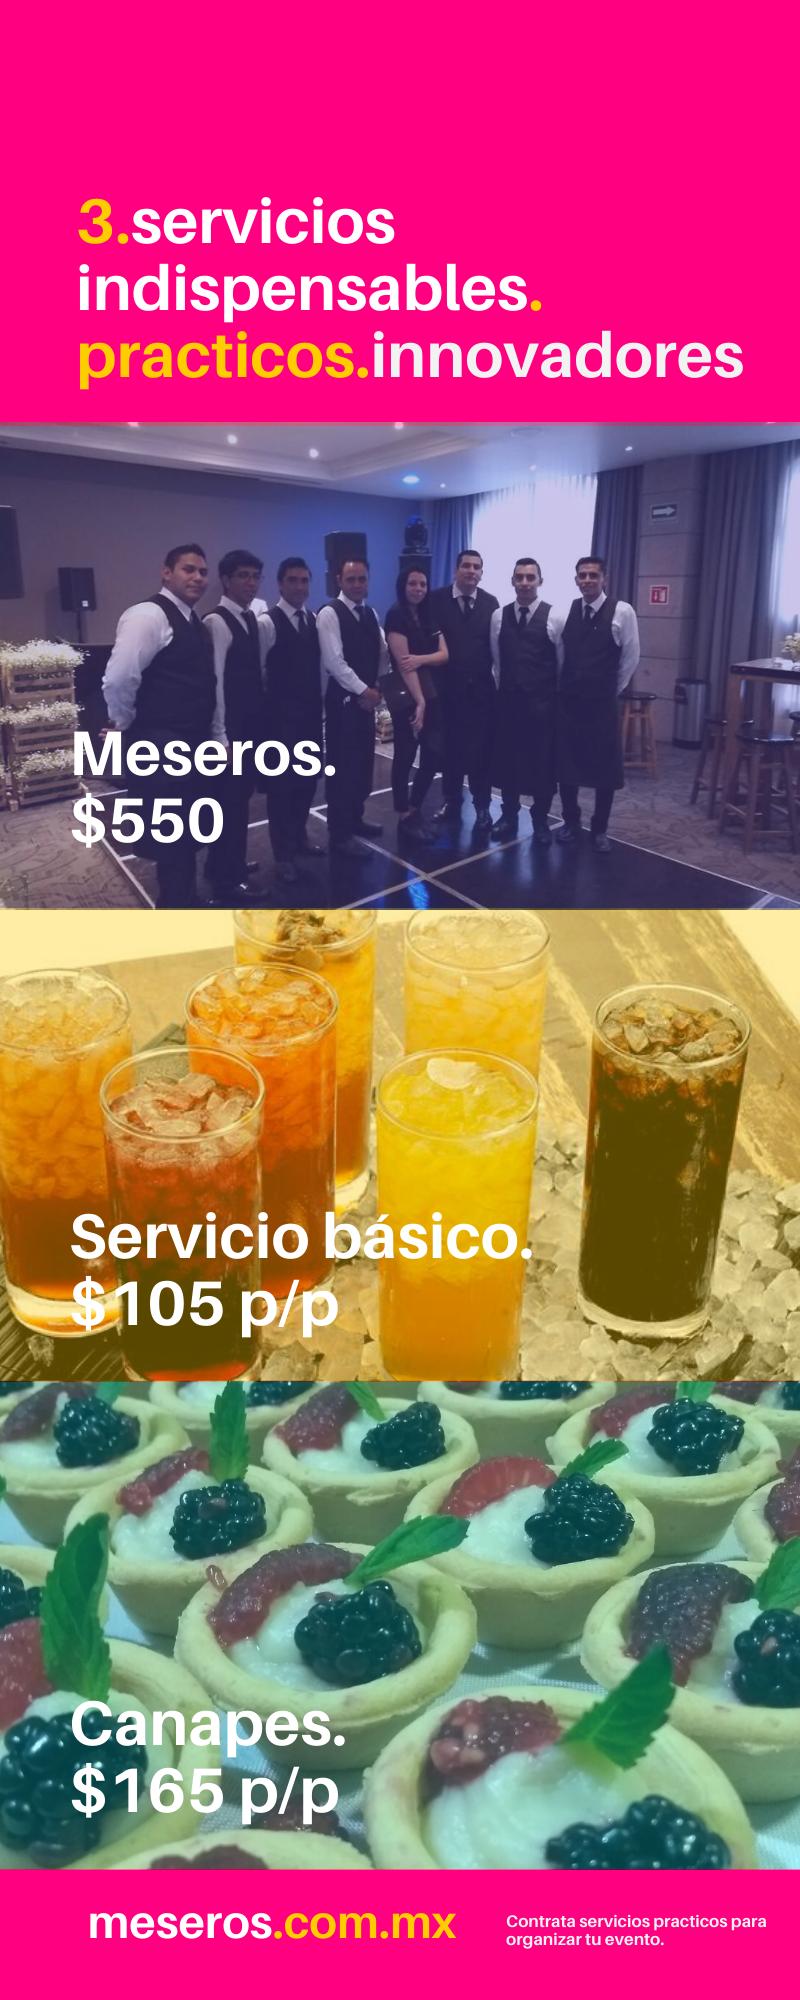 3 servicios practicos